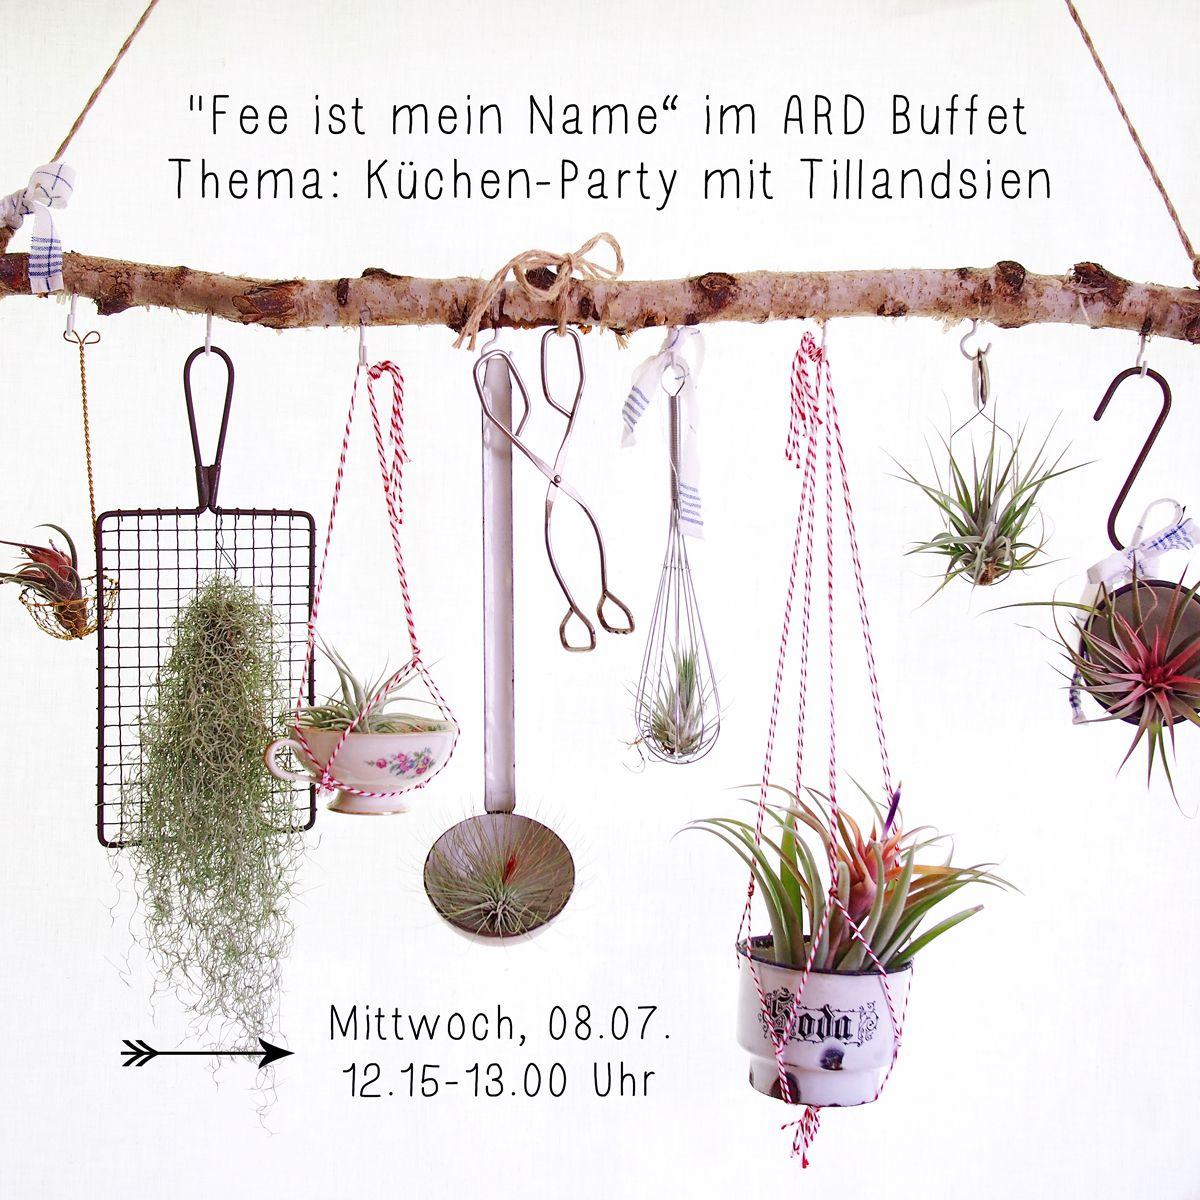 Ankündigung für einen Auftritt im ARD-Buffet mit Tillandsien-DIY - © Fee ist mein Name